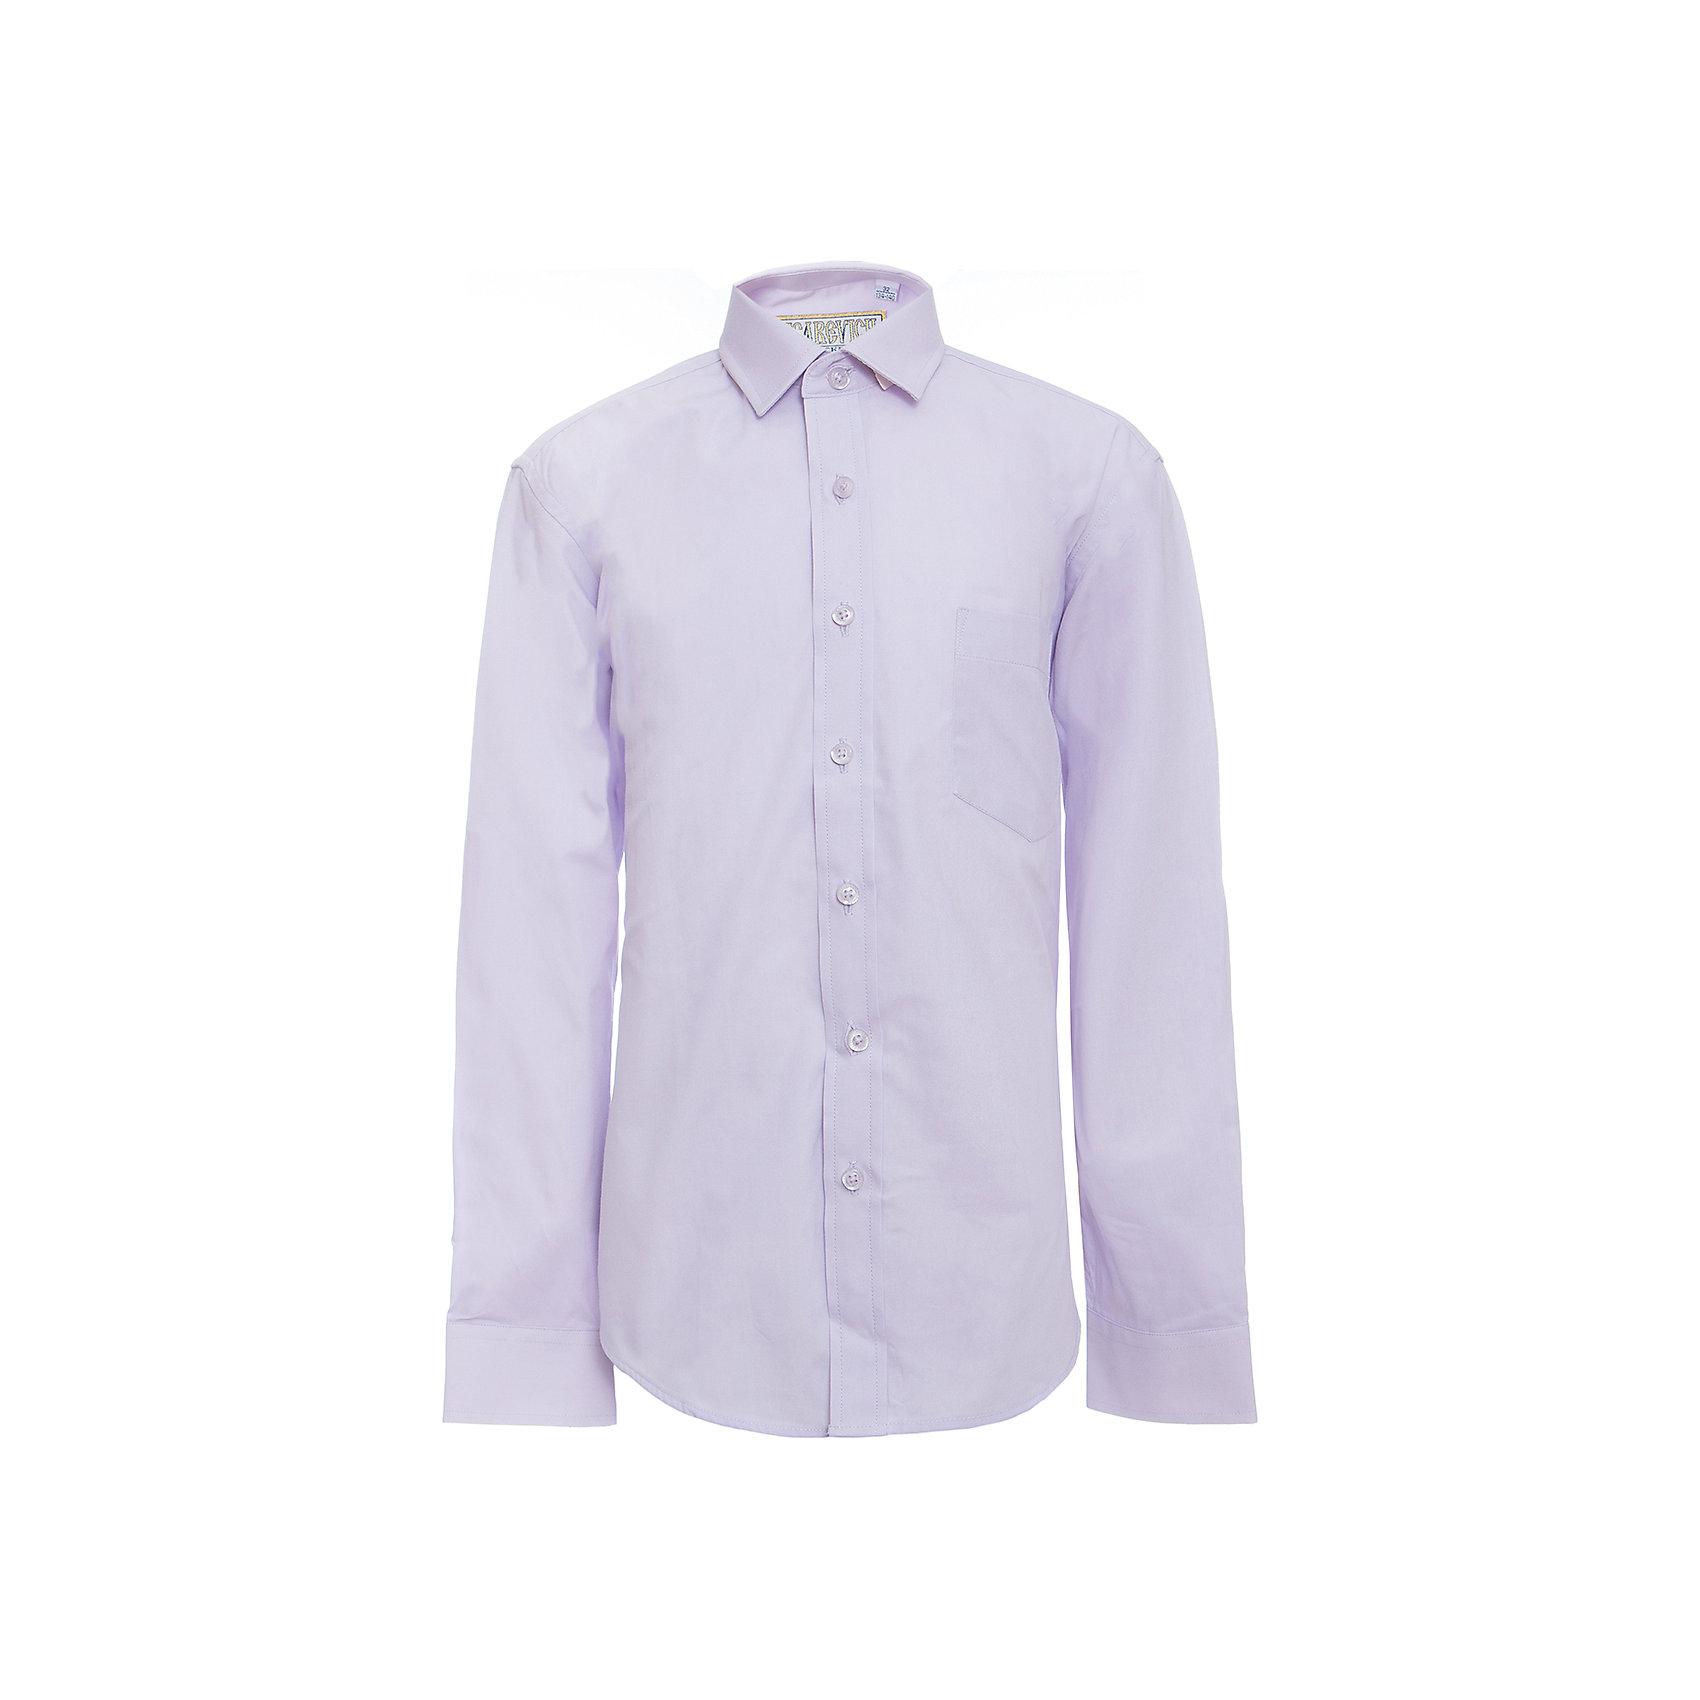 Рубашка для мальчика TsarevichБлузки и рубашки<br>Характеристики товара:<br><br>• цвет: сиреневый<br>• состав ткани: 80% хлопок, 20% полиэстер<br>• особенности: школьная, праздничная<br>• застежка: пуговицы<br>• рукава: длинные<br>• сезон: круглый год<br>• страна бренда: Российская Федерация<br>• страна изготовитель: Китай<br><br>Сорочка классического кроя для мальчика - отличный вариант практичной и стильной школьной одежды.<br><br>Классическая форма, накладной карман, воротник с отсрочкой, свободный крой, дышащая ткань с преобладанием хлопка - красиво и удобно.<br><br>Рубашку для мальчика Tsarevich (Царевич) можно купить в нашем интернет-магазине.<br><br>Ширина мм: 174<br>Глубина мм: 10<br>Высота мм: 169<br>Вес г: 157<br>Цвет: лиловый<br>Возраст от месяцев: 84<br>Возраст до месяцев: 96<br>Пол: Мужской<br>Возраст: Детский<br>Размер: 128/134,134/140,140/146,146/152,146/152,152/158,152/158,158/164,164/170,122/128<br>SKU: 6860677